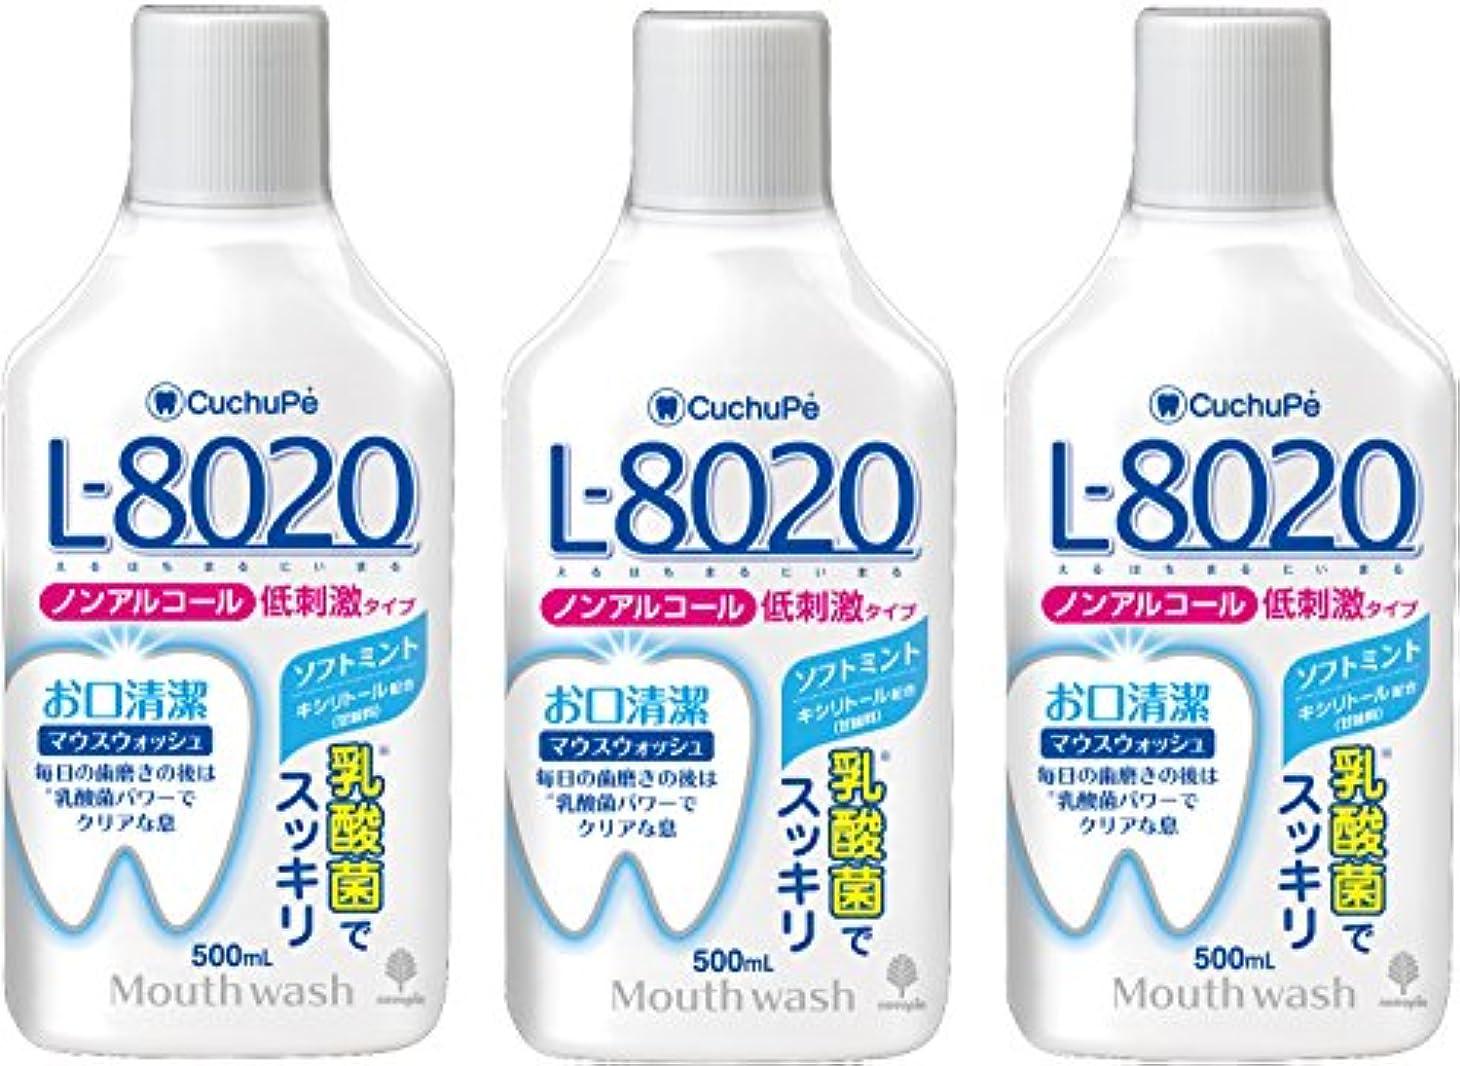 エロチック嫉妬ドル紀陽除虫菊 マウスウォッシュ クチュッペ L-8020 ノンアルコール ソフトミント 500ml 3個セット